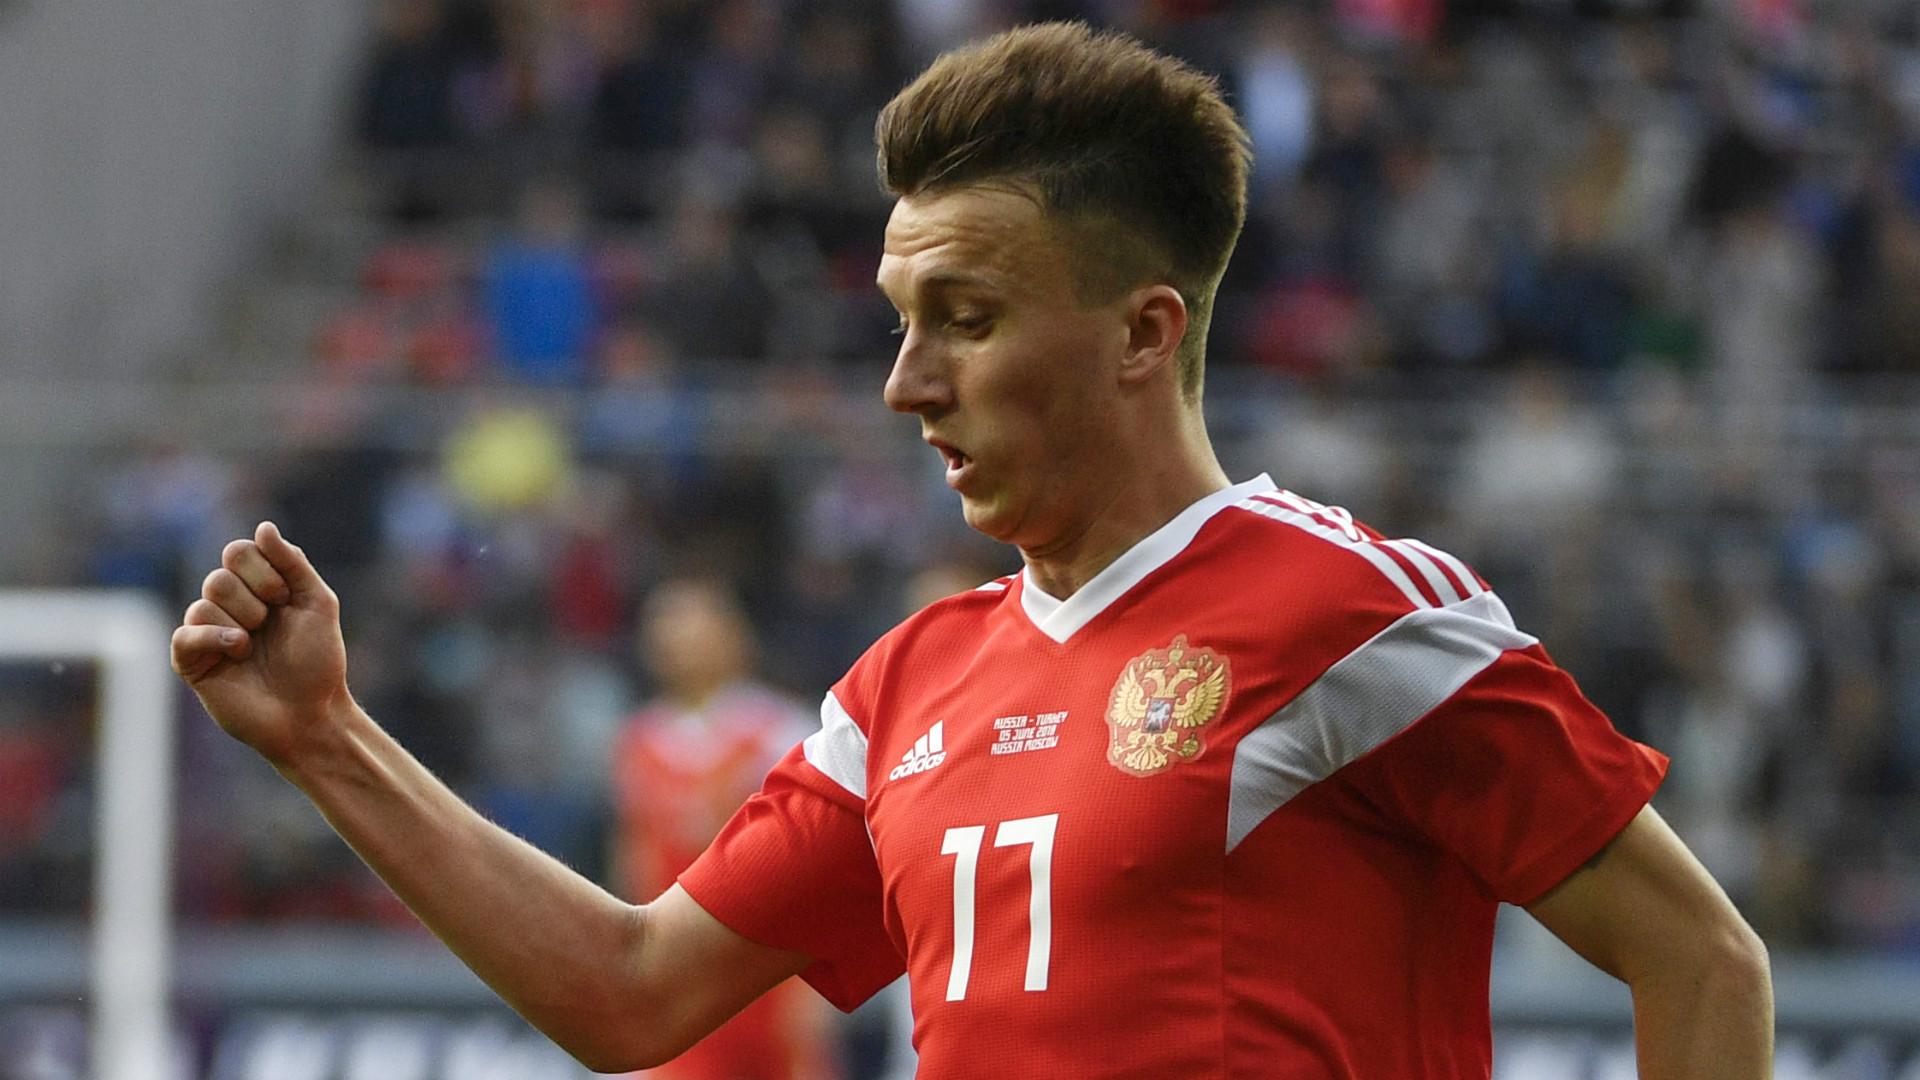 Juve, offerta di 18 mln per Golovin: la richiesta del Cska